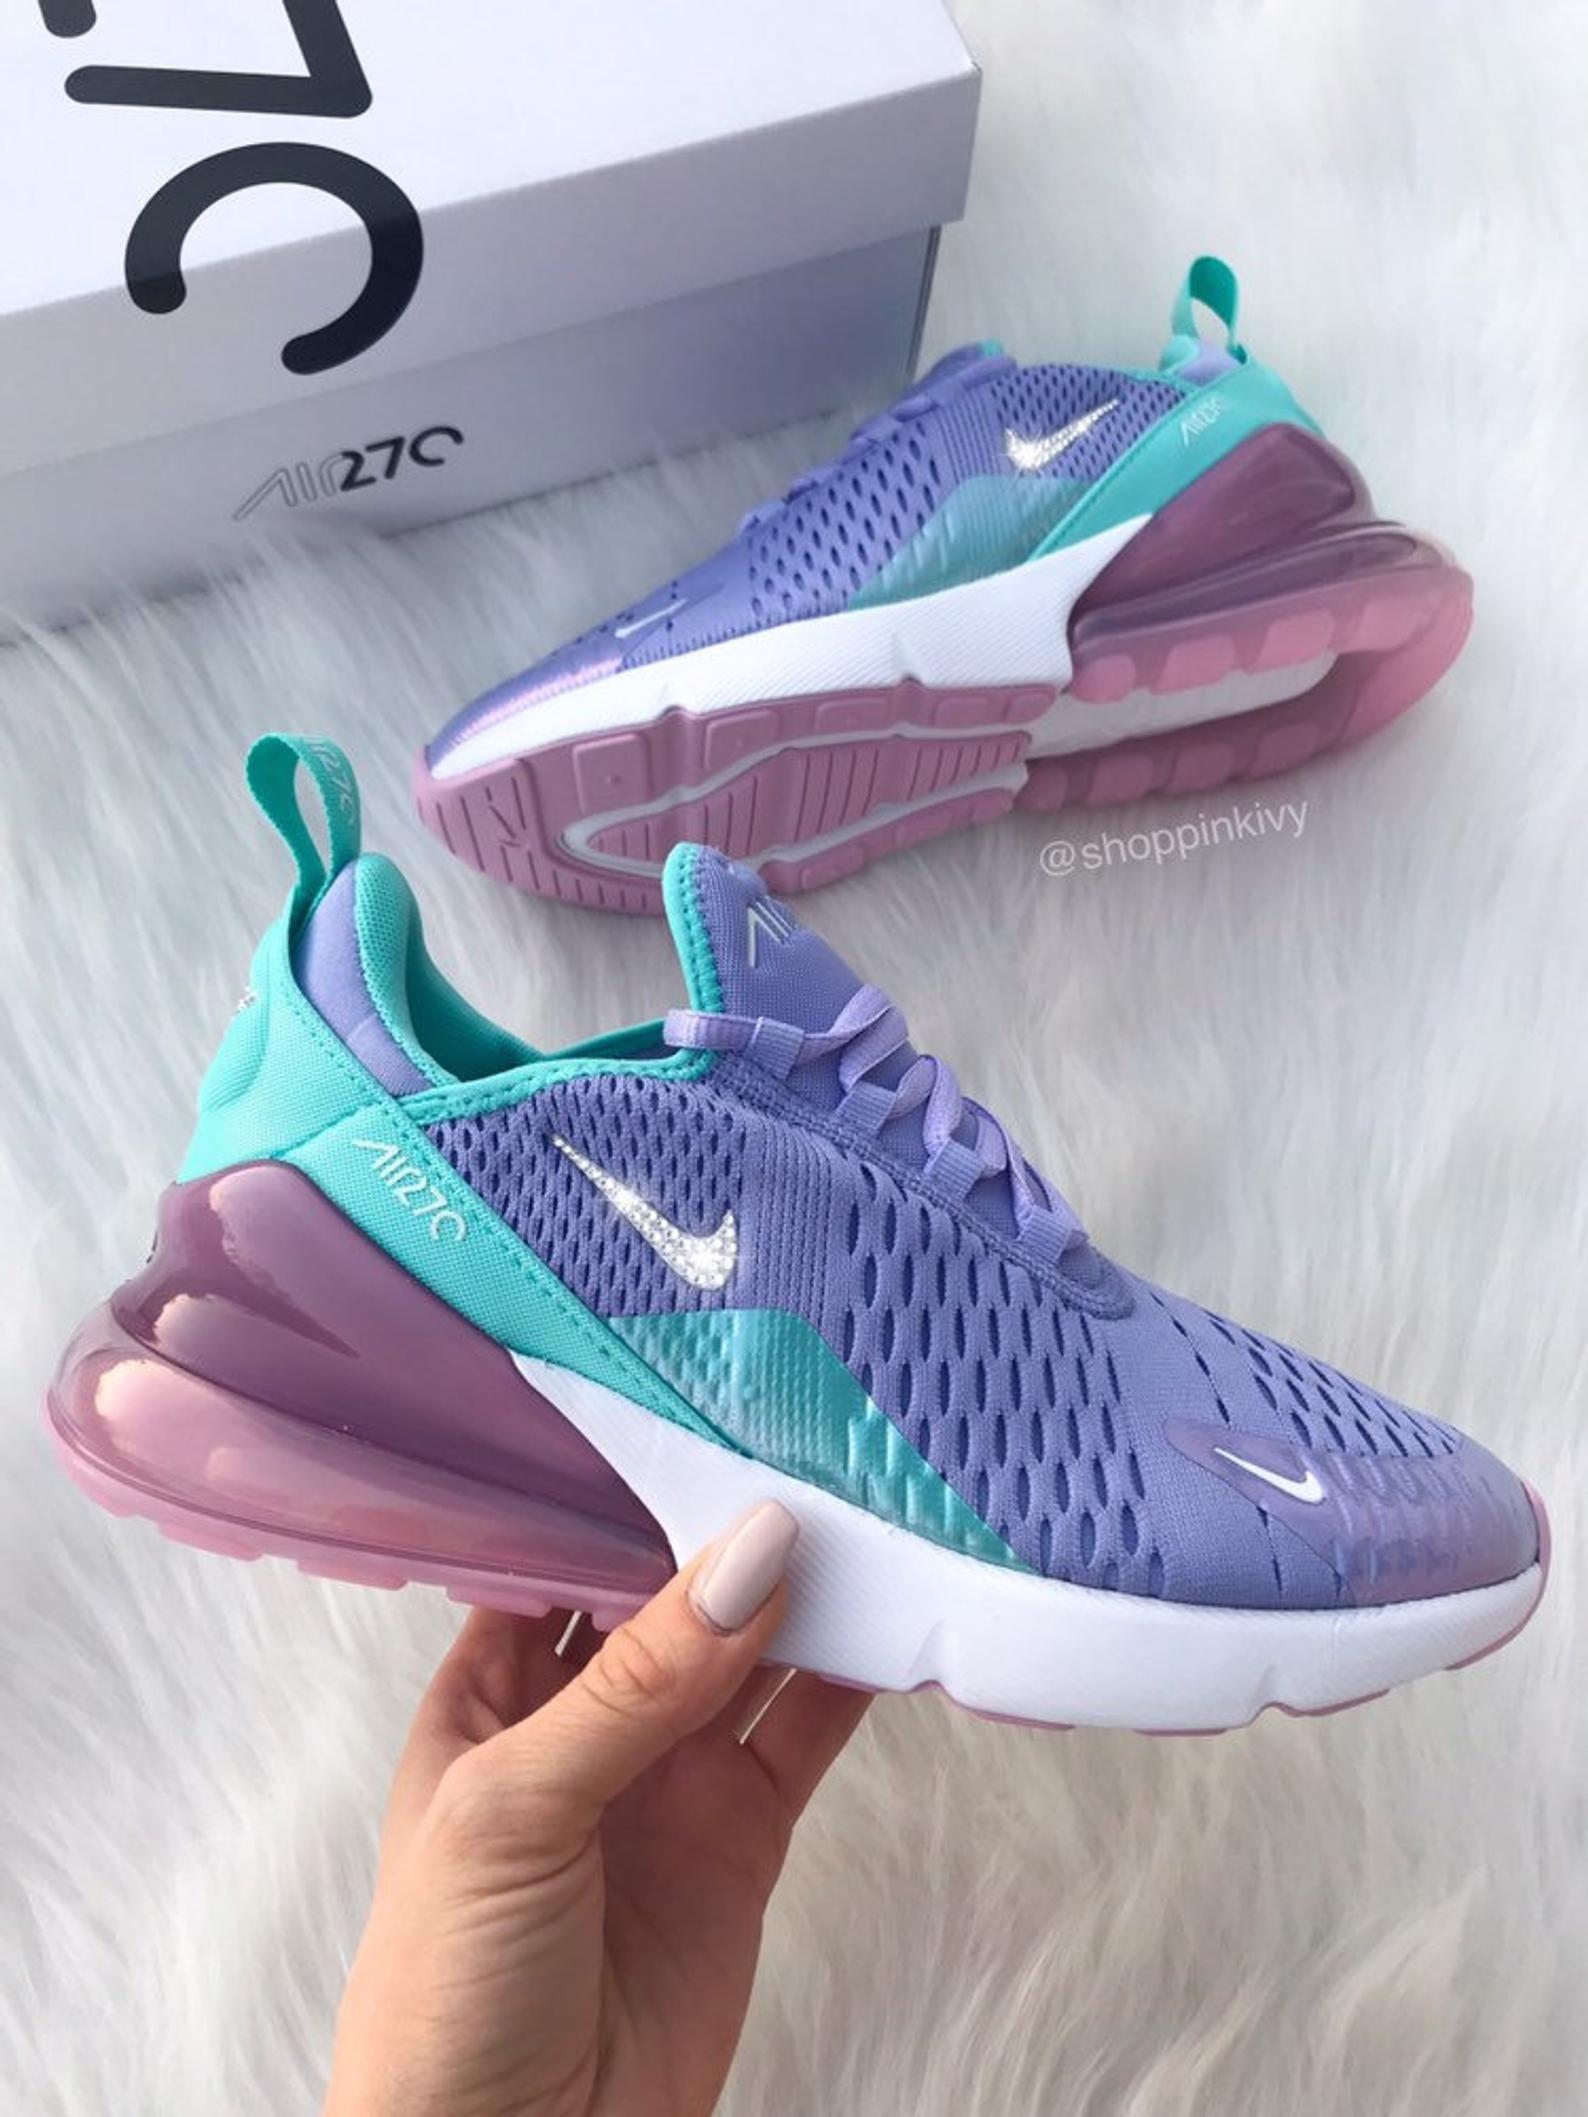 Swarovski Nike Womens Girls Air 270 Customized With